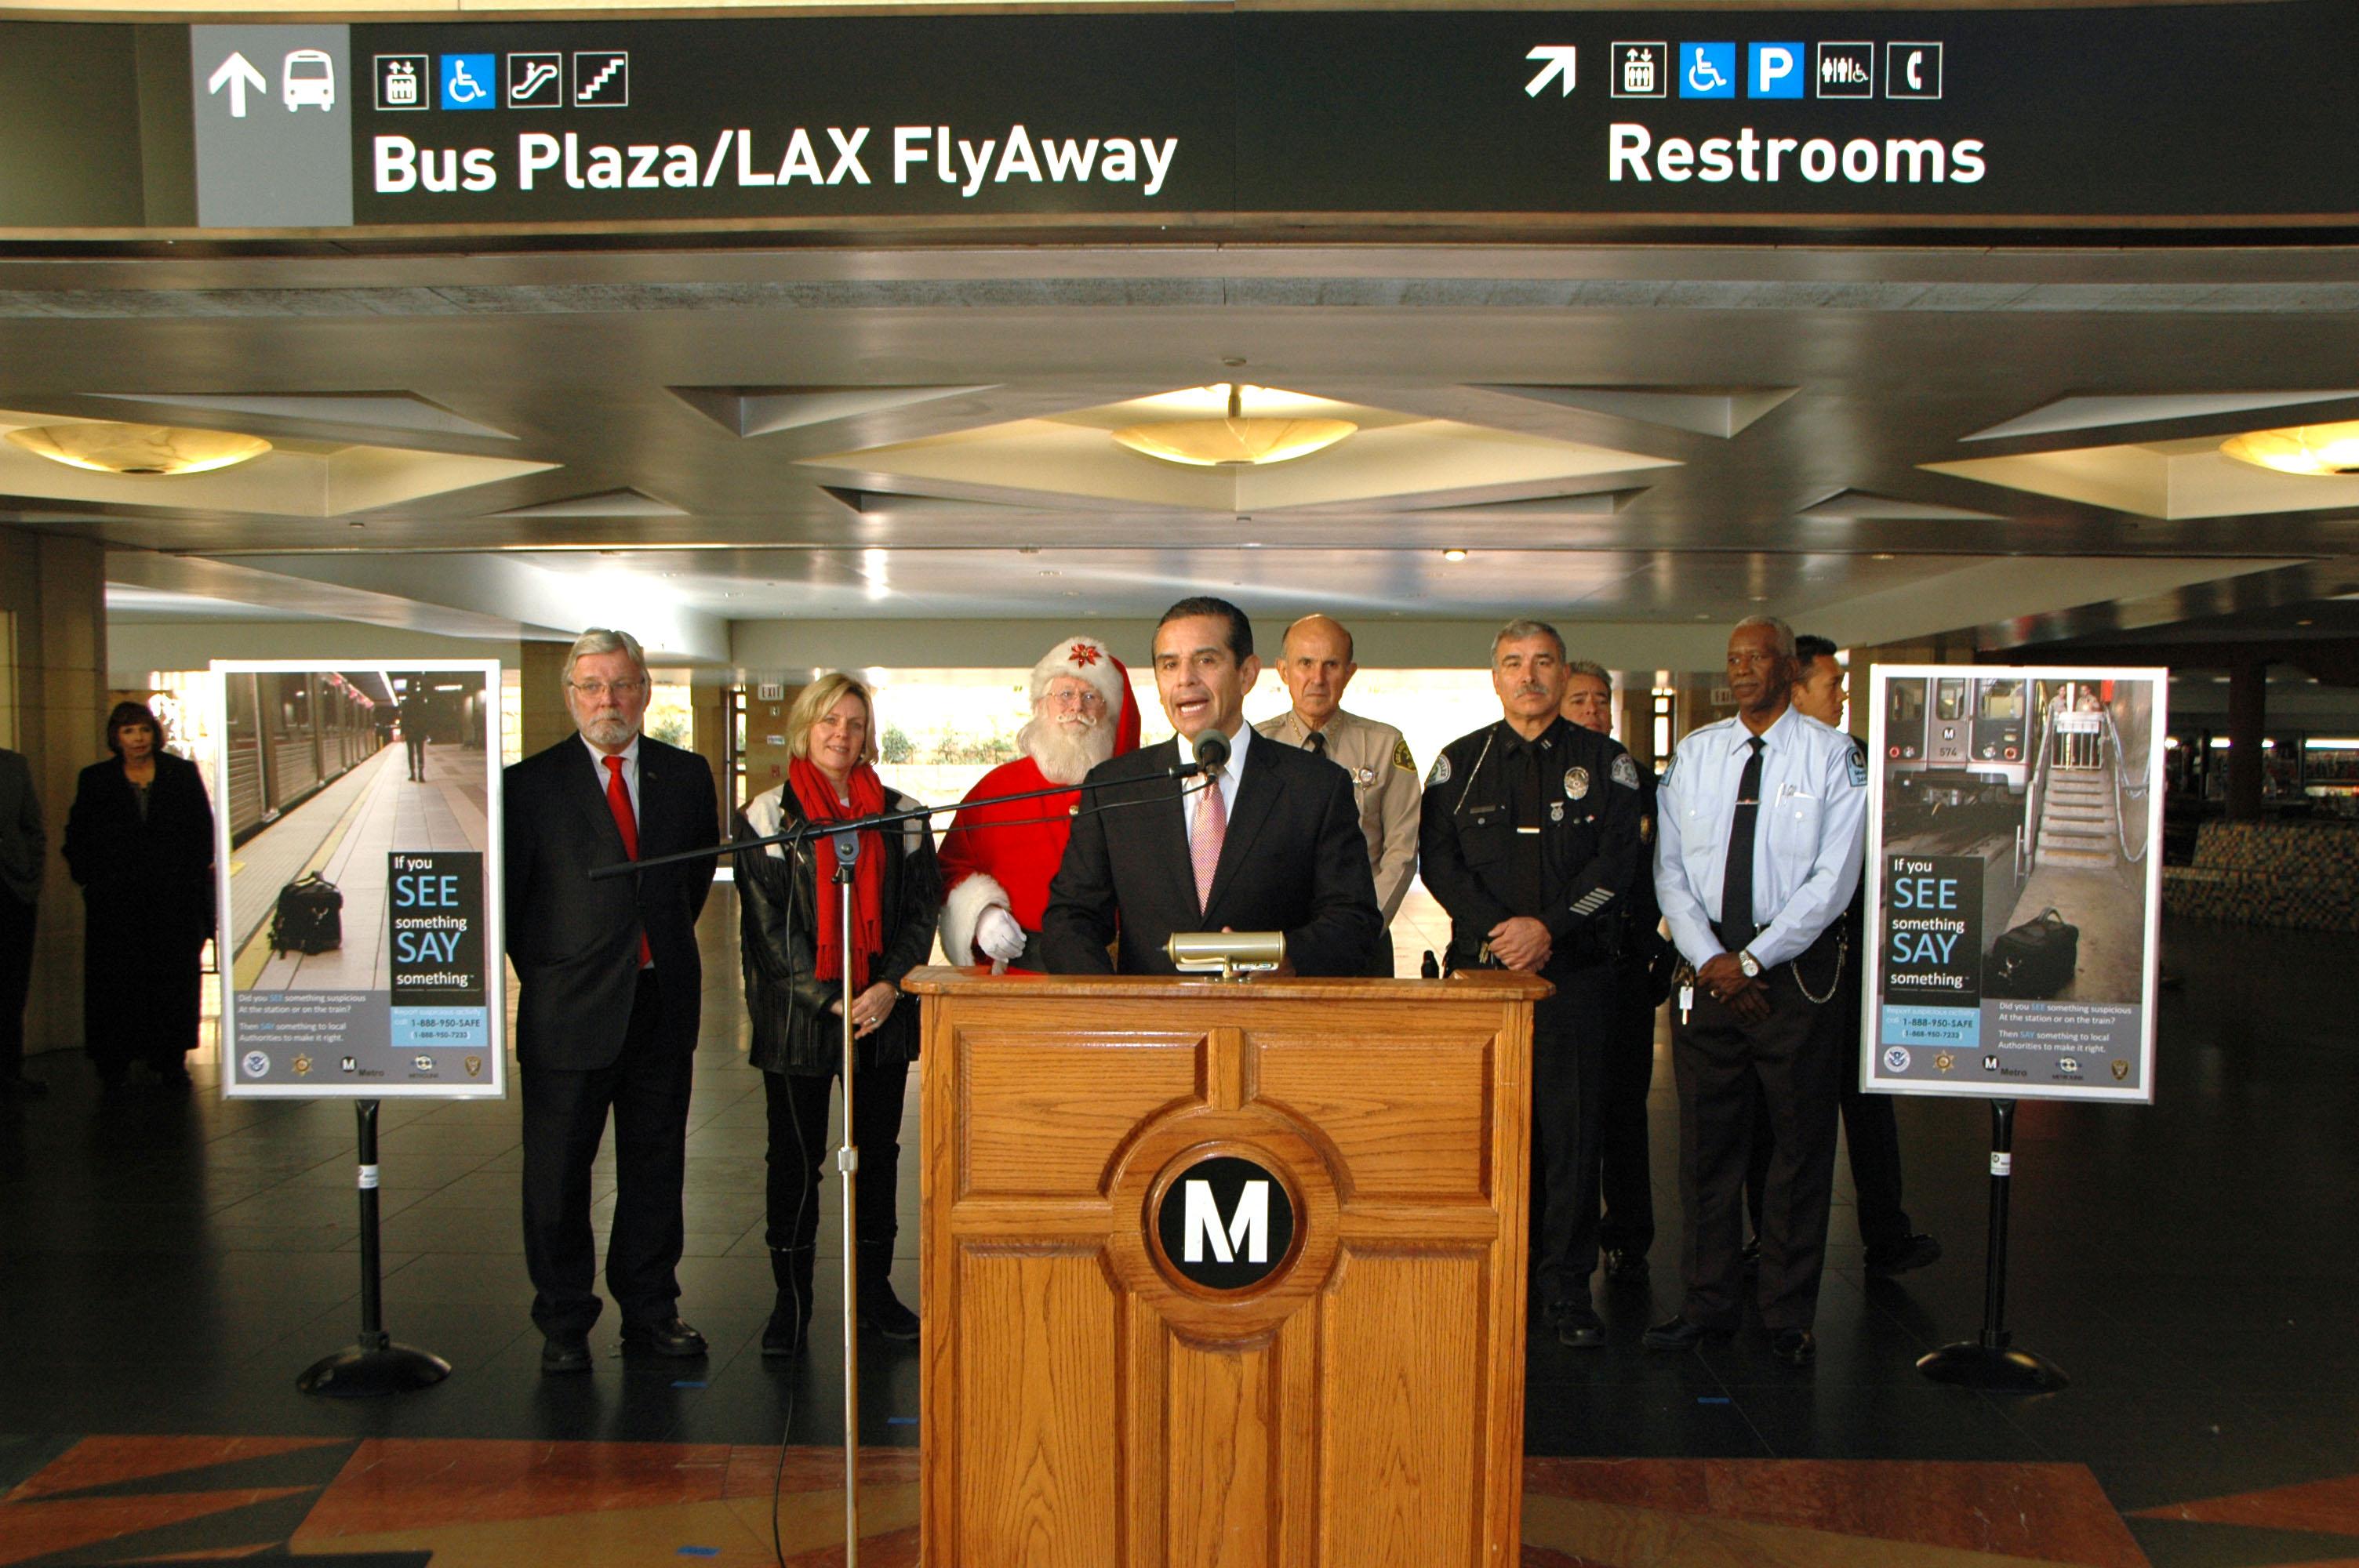 El alcalde de Los Angeles y presidente de la Junta de Directiva de Metro Antonio Villaraigosa anuncia el pasaje gratis en Nochebuena y la noche de Año Nuevo. (Foto Luis Inzunza/El Pasajero).